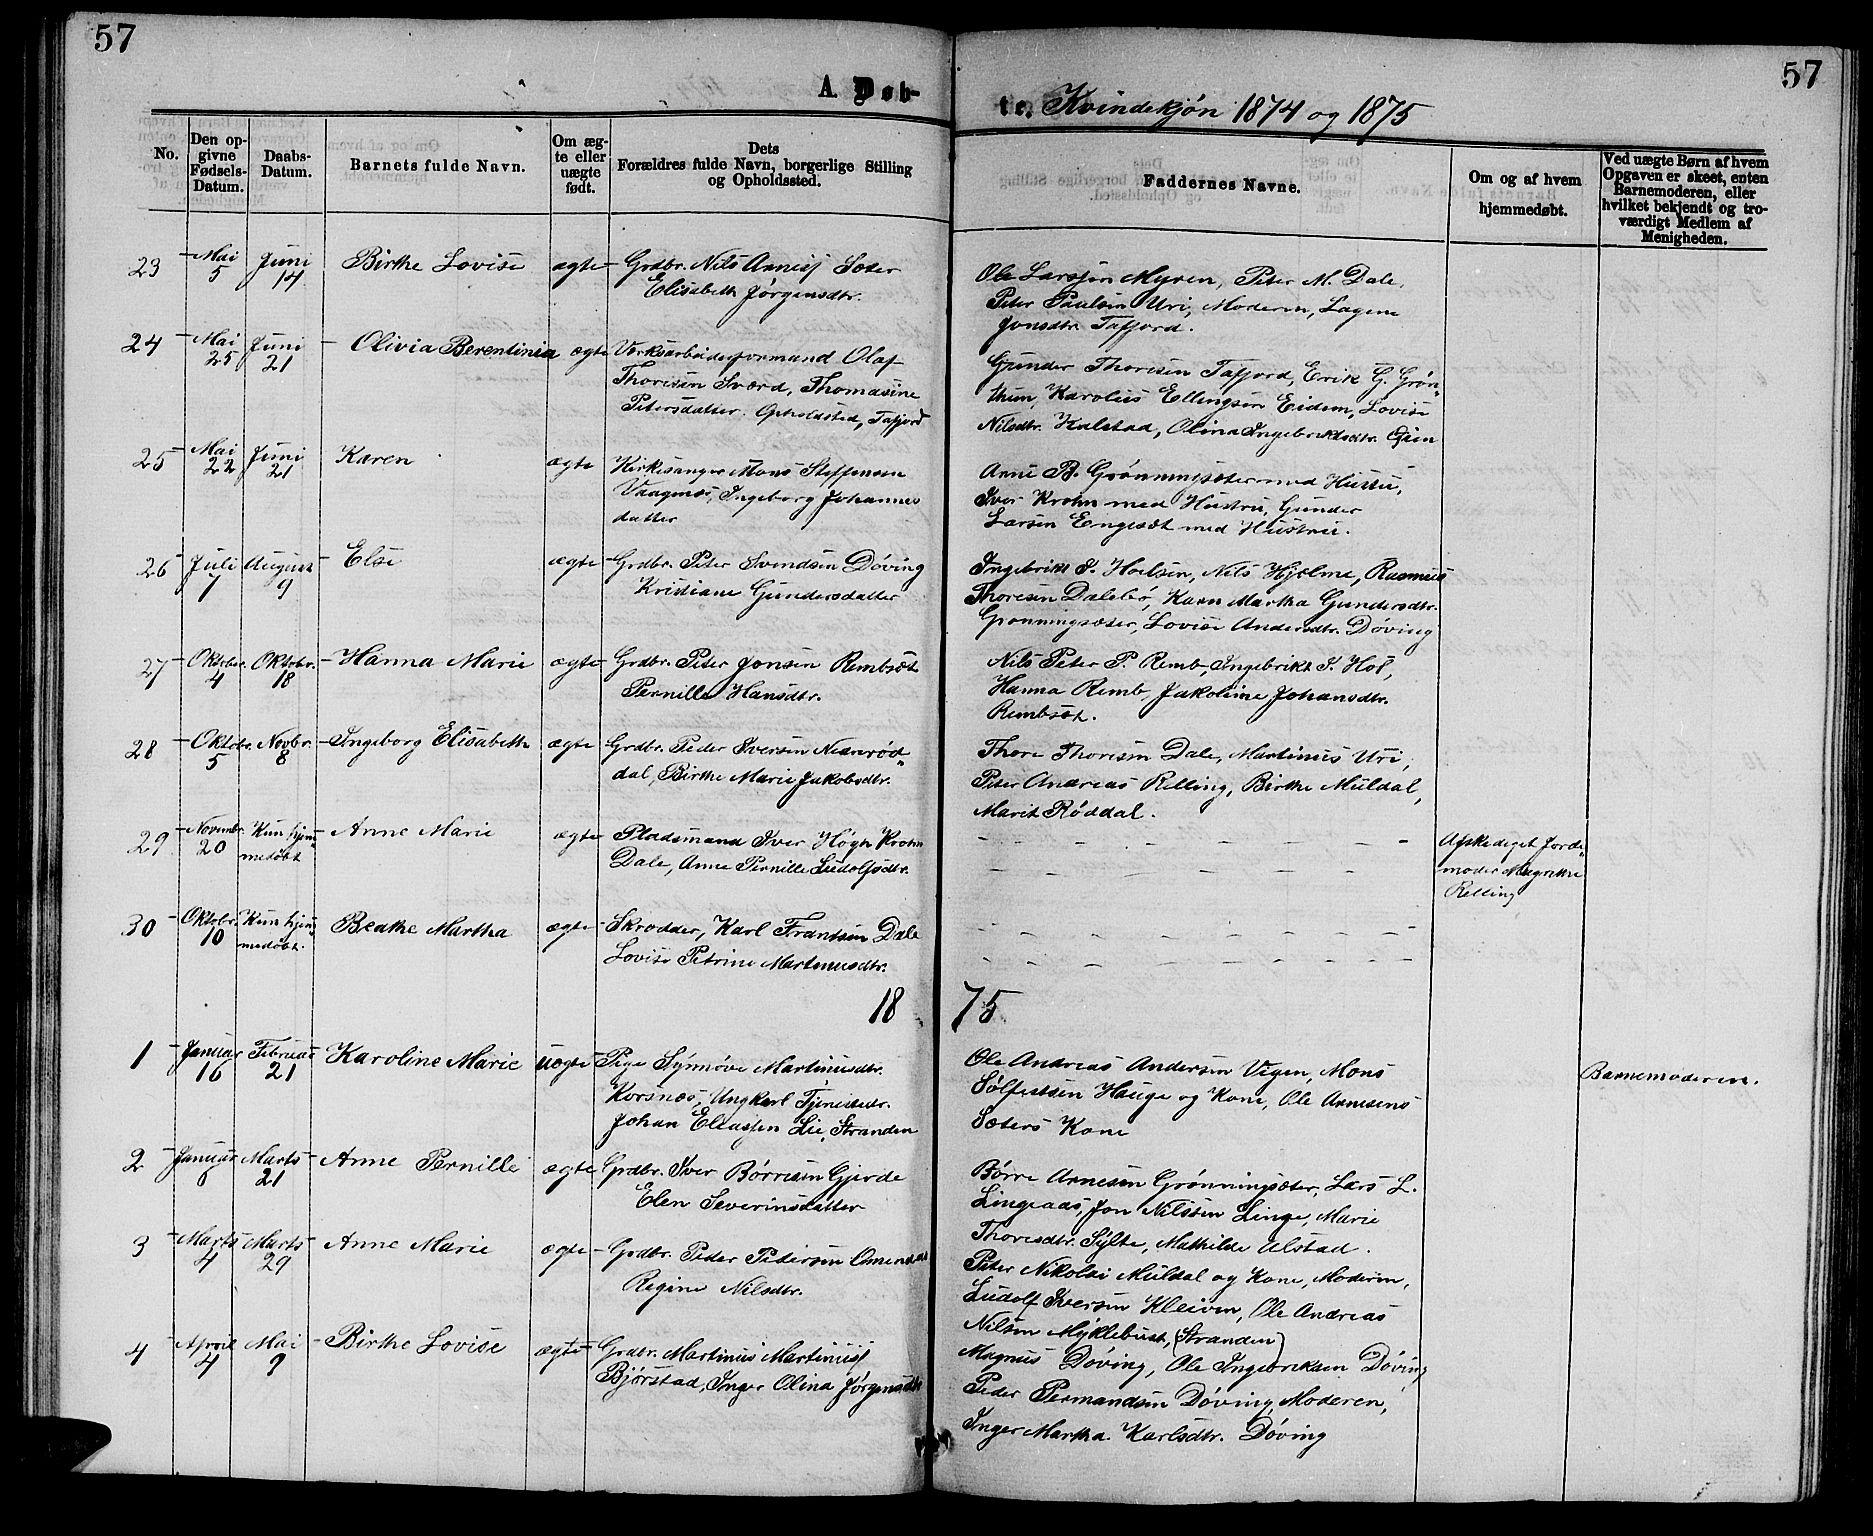 SAT, Ministerialprotokoller, klokkerbøker og fødselsregistre - Møre og Romsdal, 519/L0262: Klokkerbok nr. 519C03, 1866-1884, s. 57